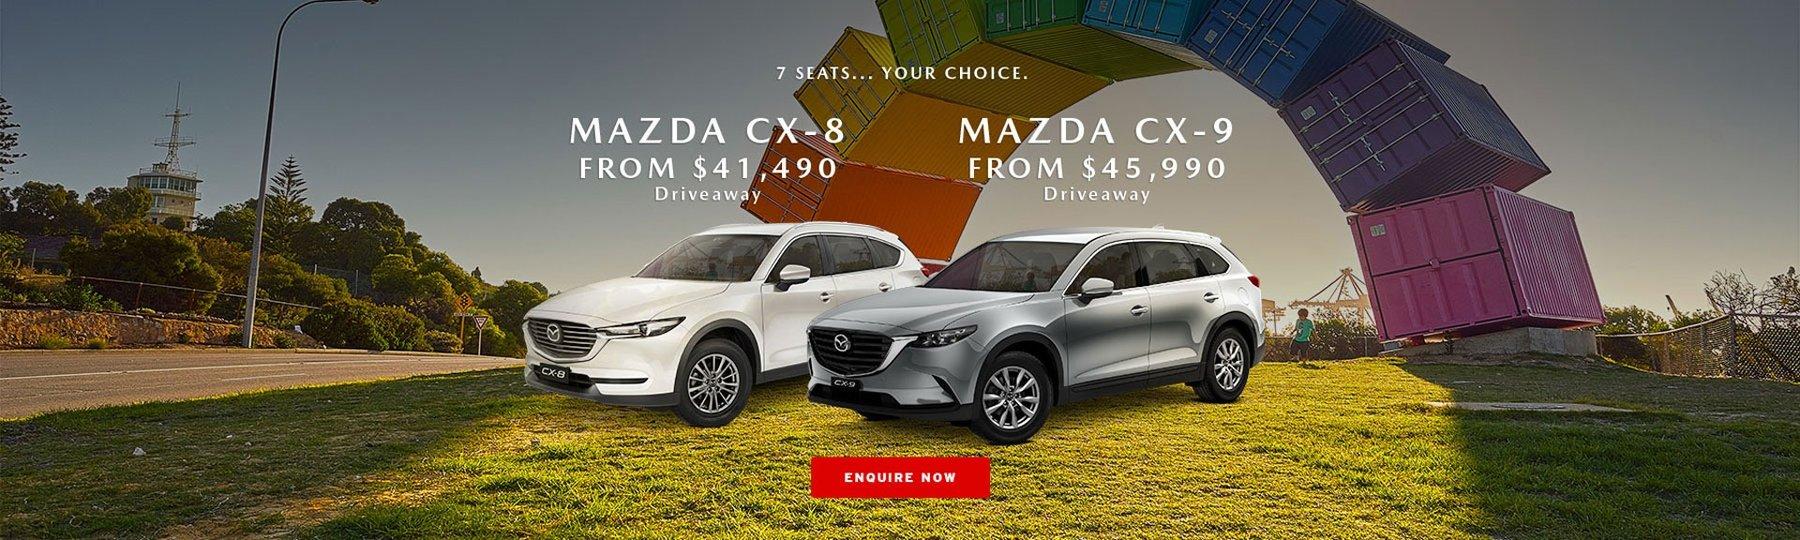 Mazda CX-8 at Melville Mazda